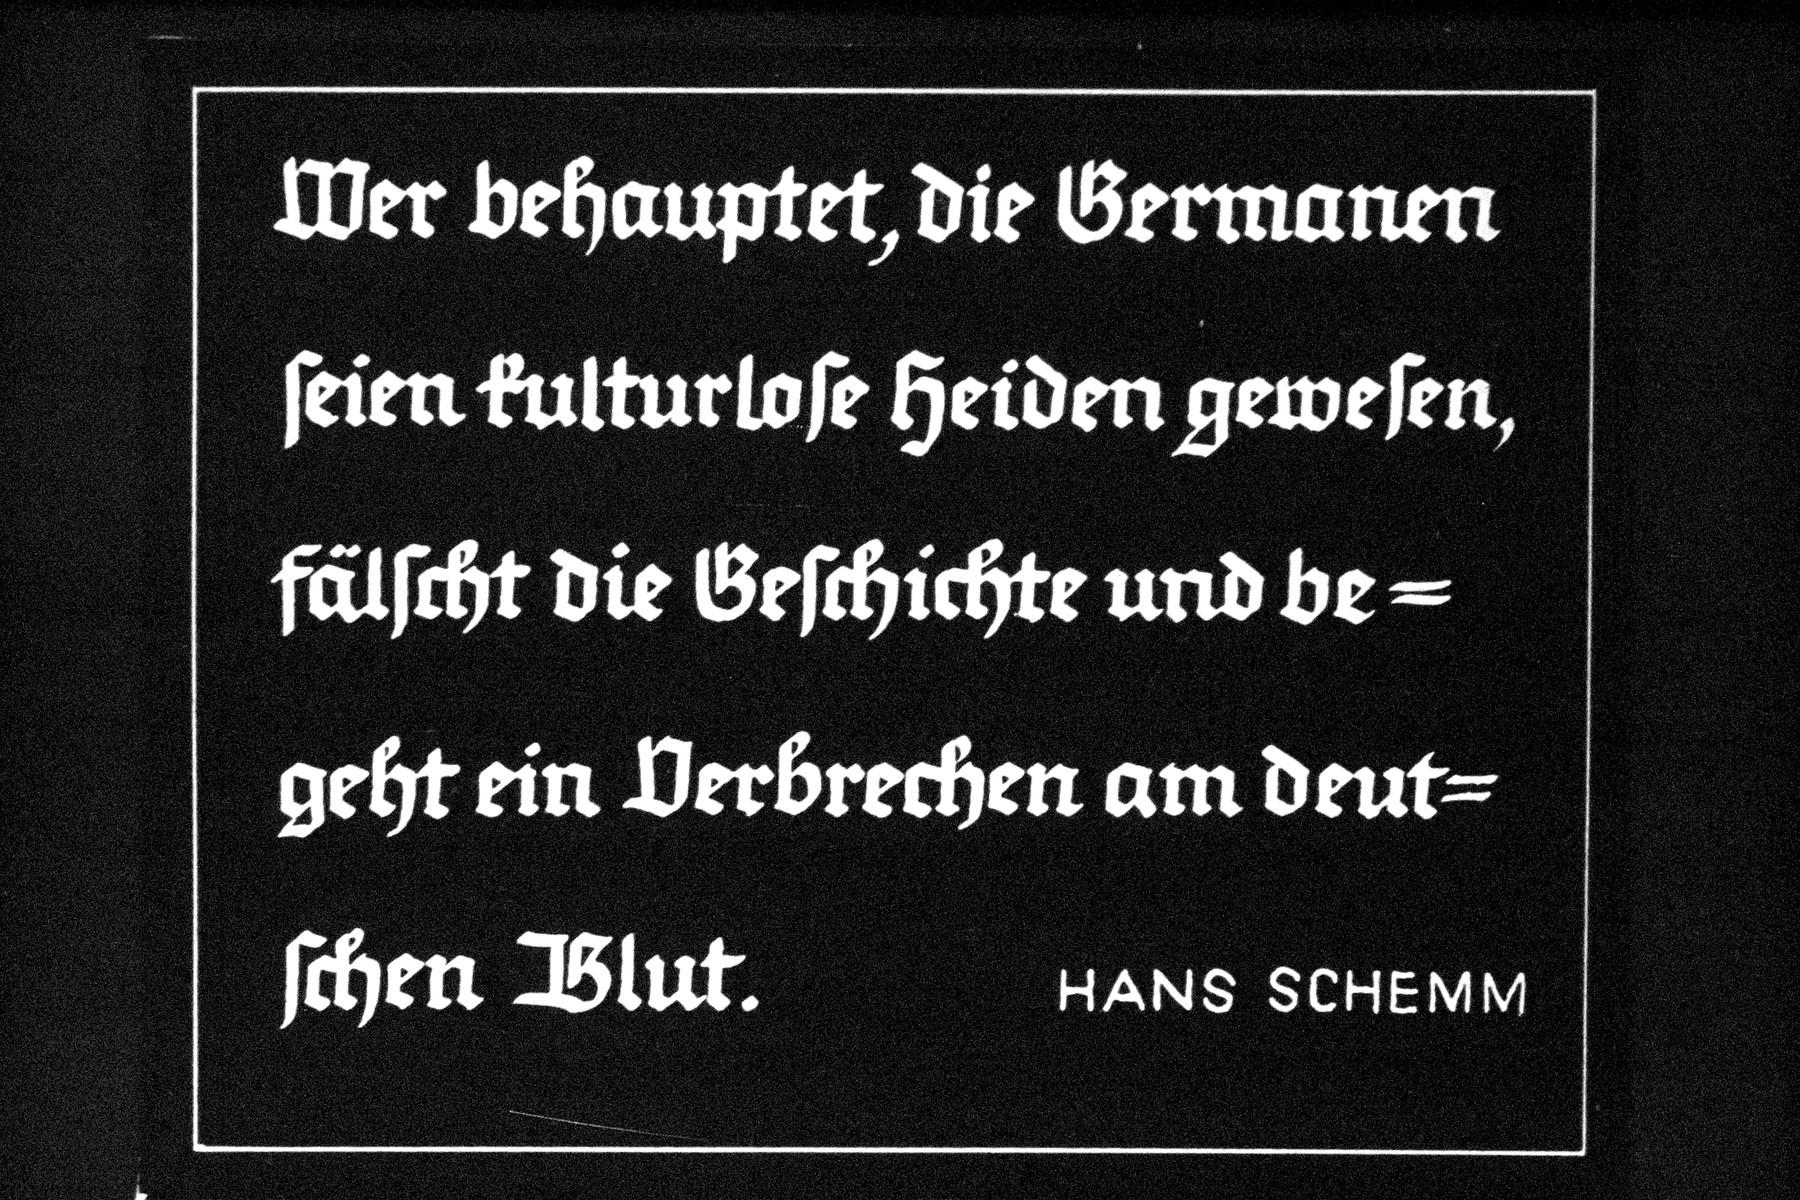 """38th Nazi propaganda slide for a Hitler Youth educational presentation entitled """"5000 years of German Culture.""""  Wer behauptet, die Germanen seien kulturlose Heiden gewesen, fälscht die Geschichte und begeht ein Verbrechen am deutschen Blut. HANS SCHEMM // Who claims that the Germans were uncultured heathens, falsifies the history and commits a crime against the German blood. HANS SCHEMM"""